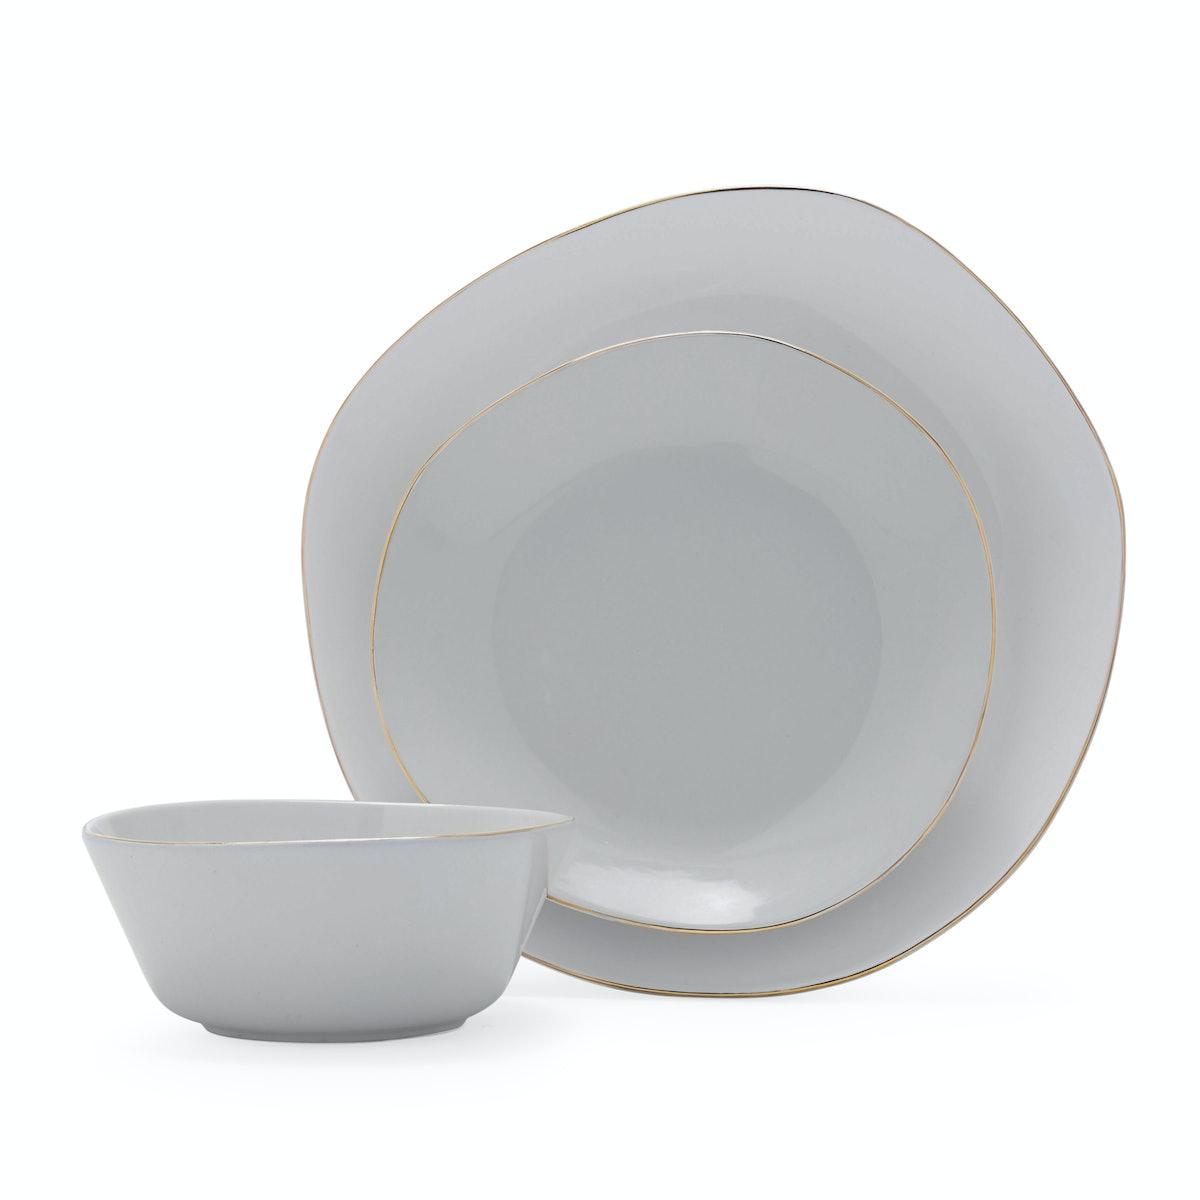 MoDRN Naturals 12pc Dinnerware Set, Smoke